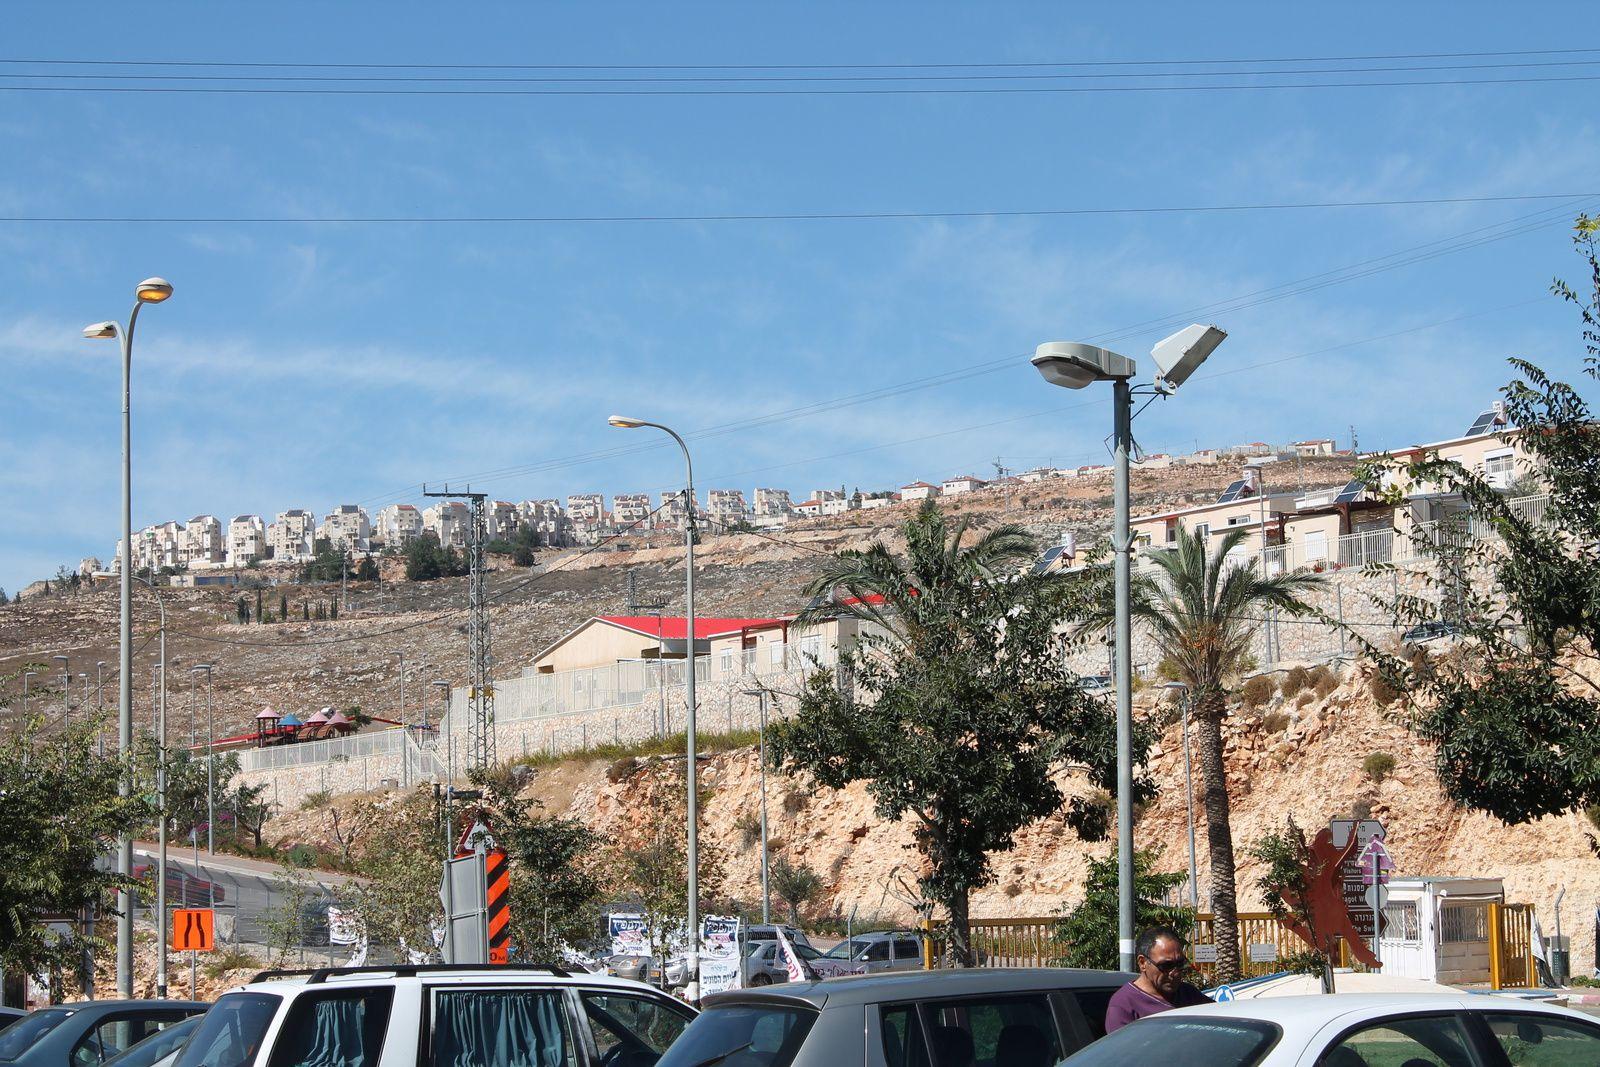 Une colonie israélienne de logement non loin de Jérusalem située au sommet des collines longeant une des routes des colons. On remarquera les clôtures devant l'ensemble des bâtiments.